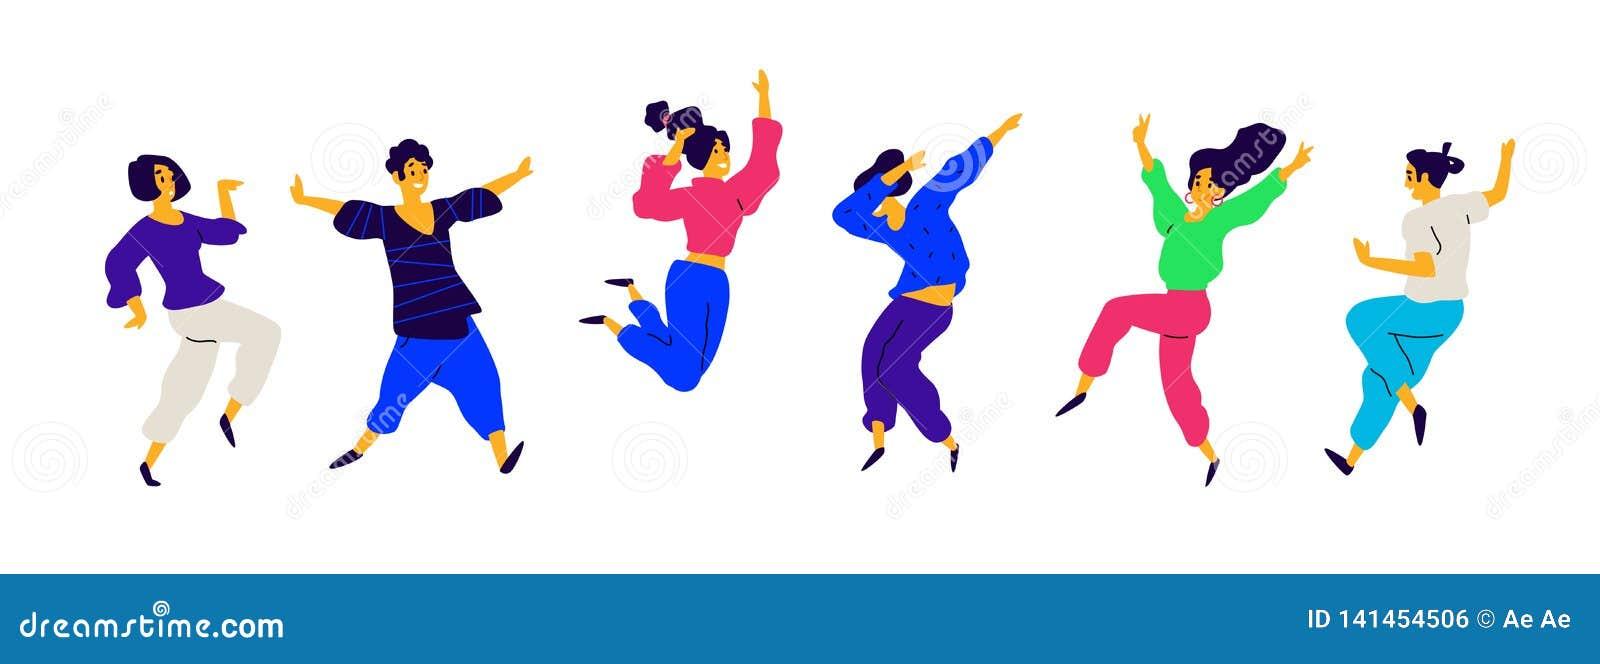 Танцы и люди потехи, положительные эмоции вектор Иллюстрации мужчин и женщин Плоский стиль Группа в составе счастливое и радостно